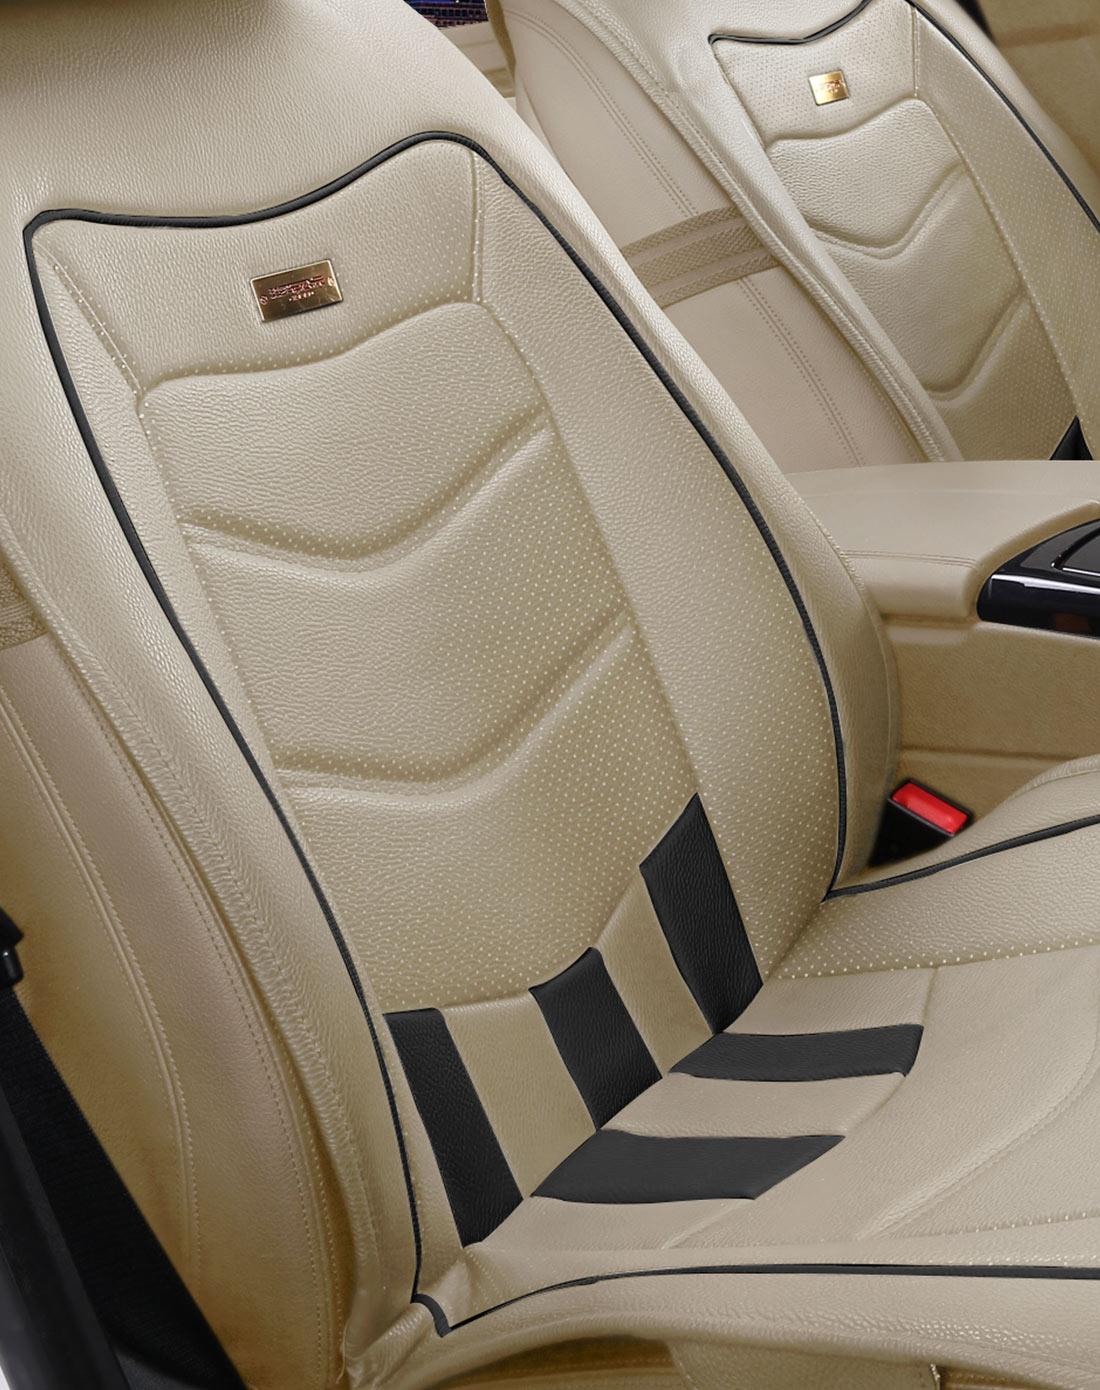 玛莎拉蒂原车座椅风格通用座垫米黑